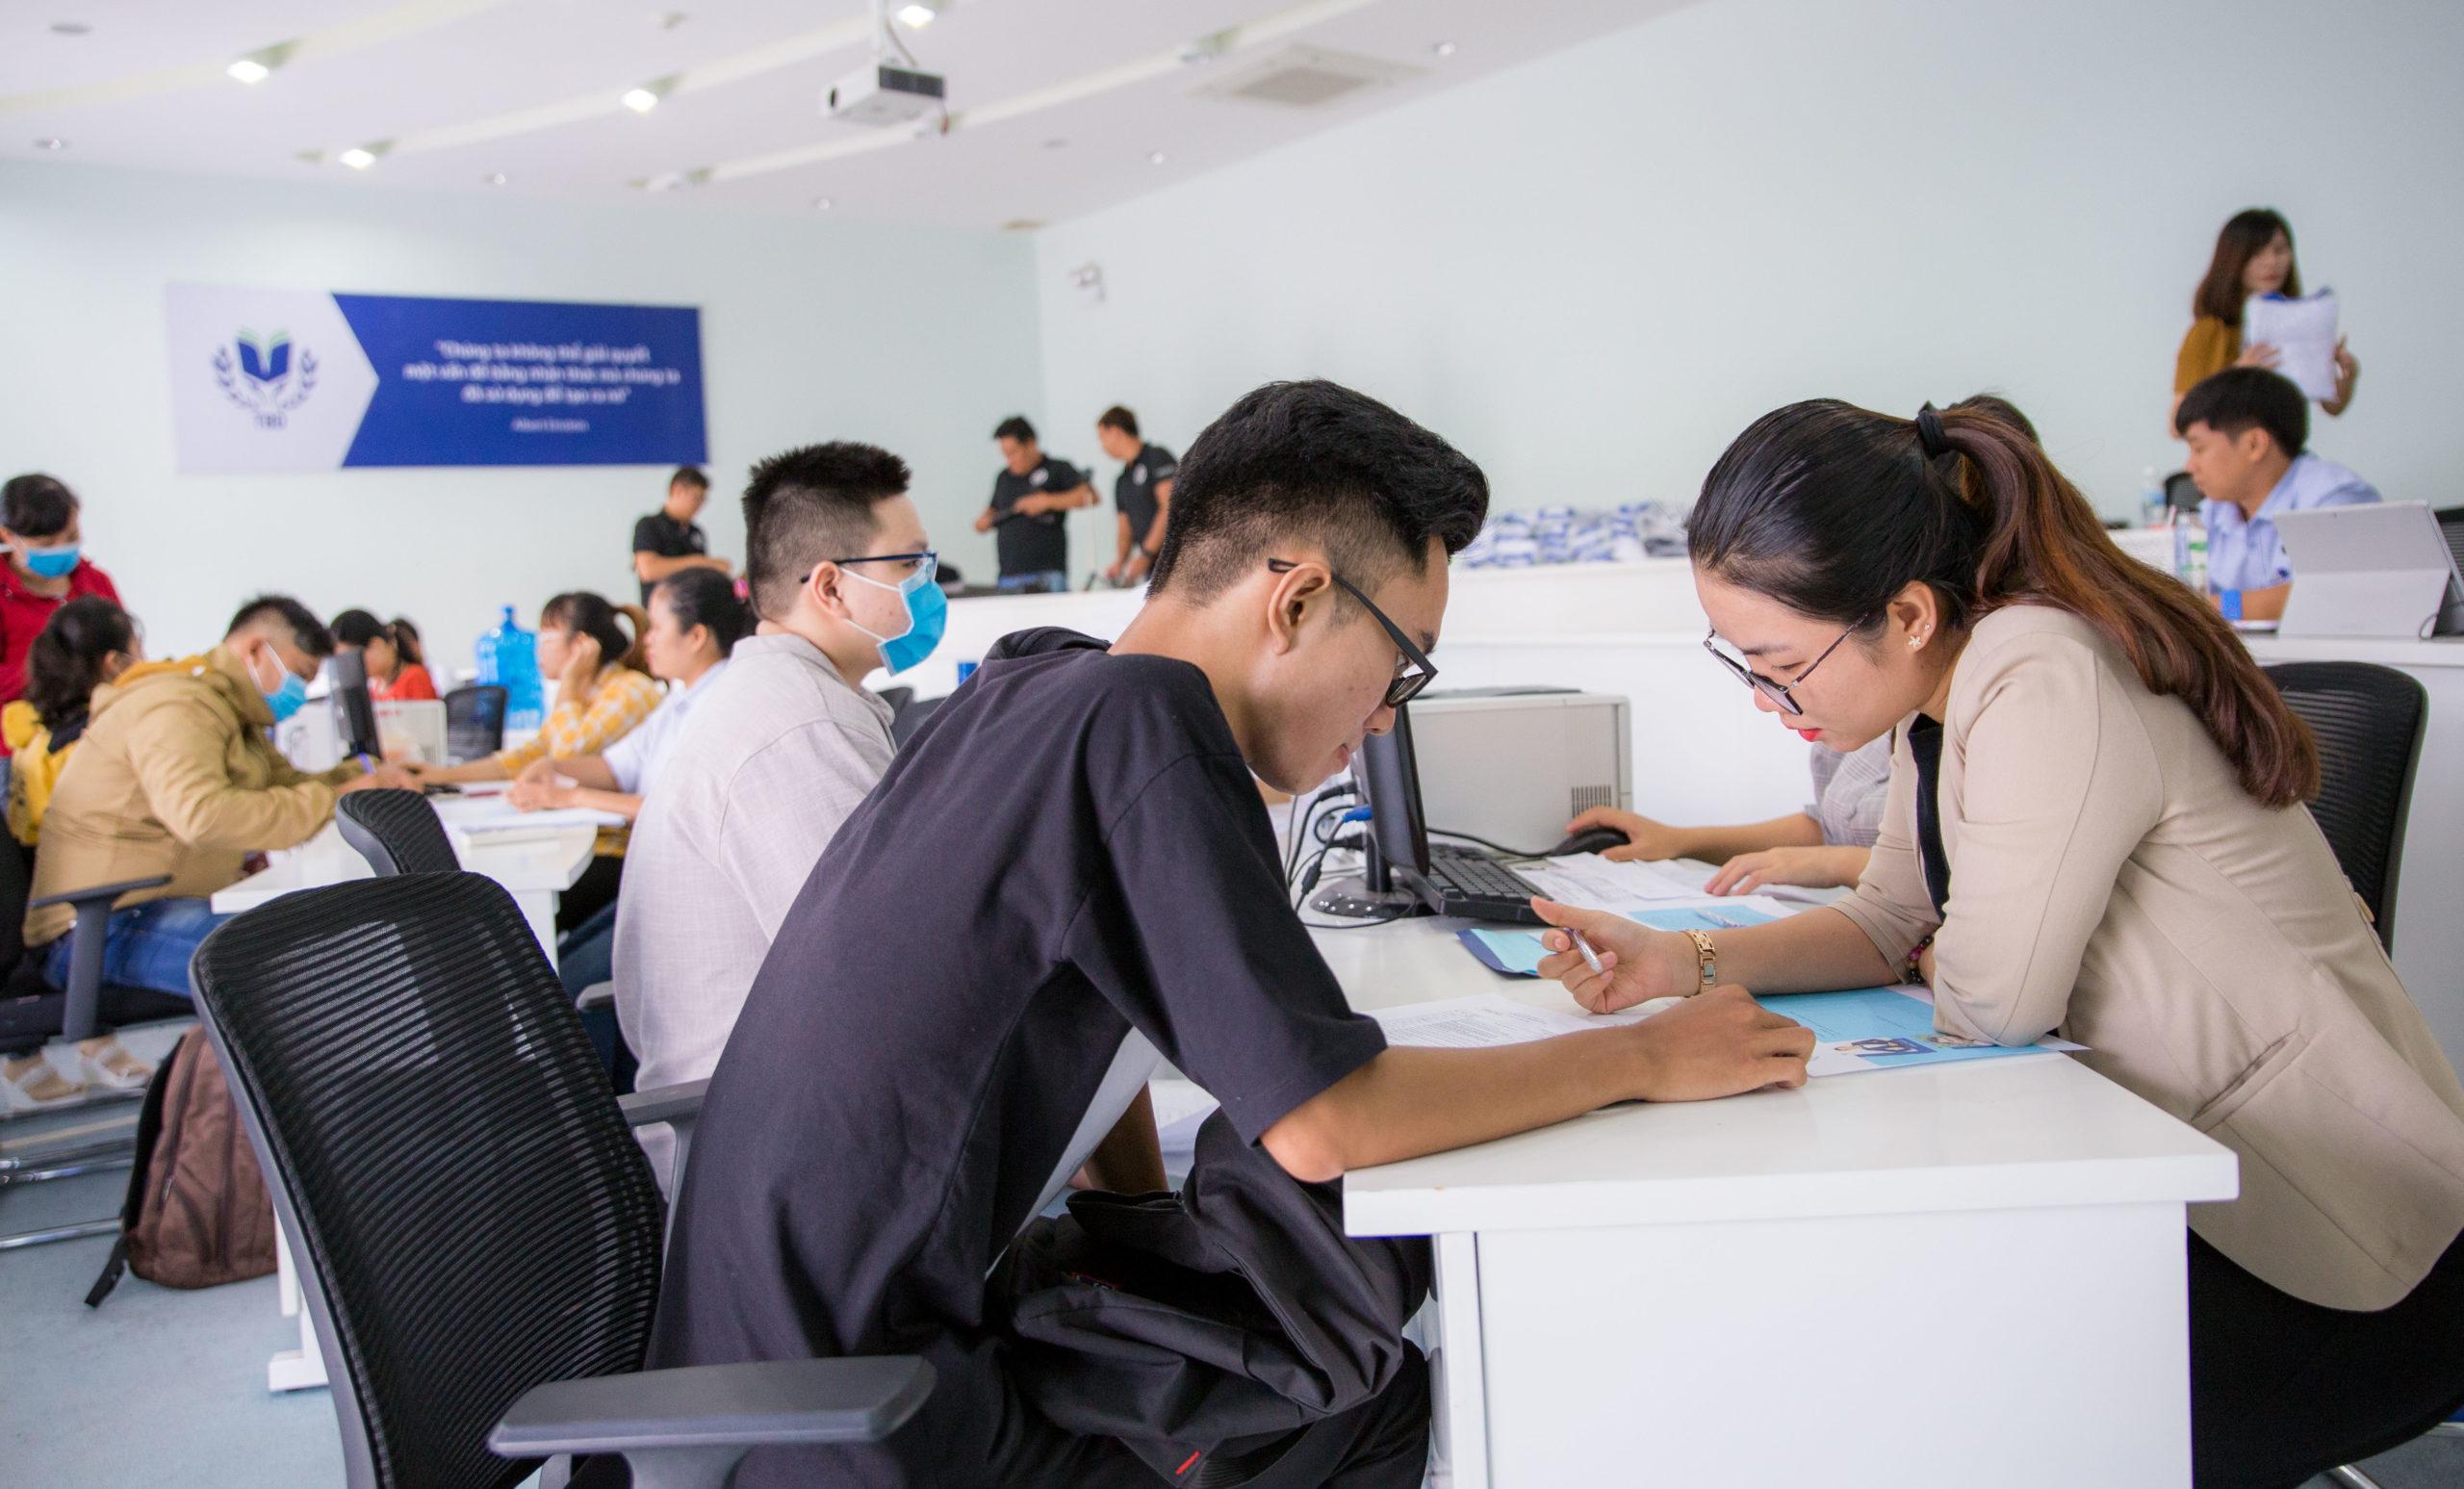 Điểm và danh sách trúng tuyển đại học theo phương thức 1 đợt 4 và phương thức 2 đợt 1 năm 2020